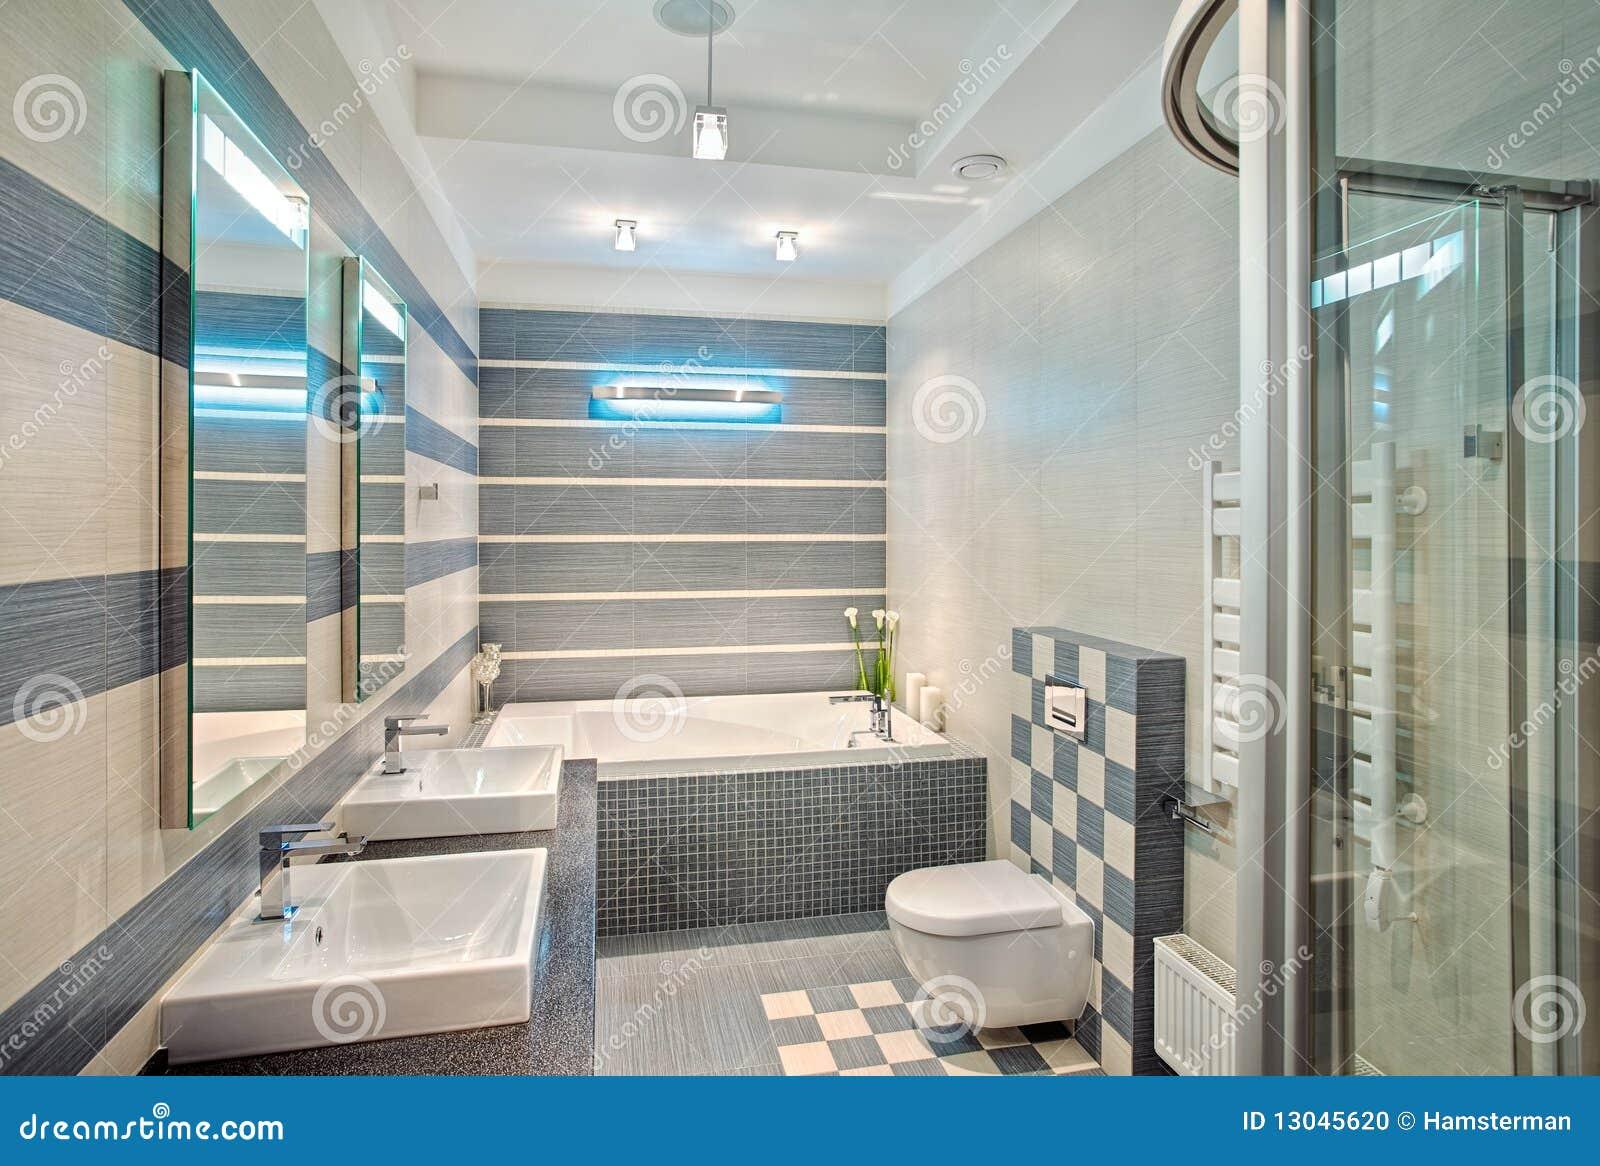 Bagni Blu Mosaico : Stanza da bagno moderna nei toni blu e grigi con il mosaico